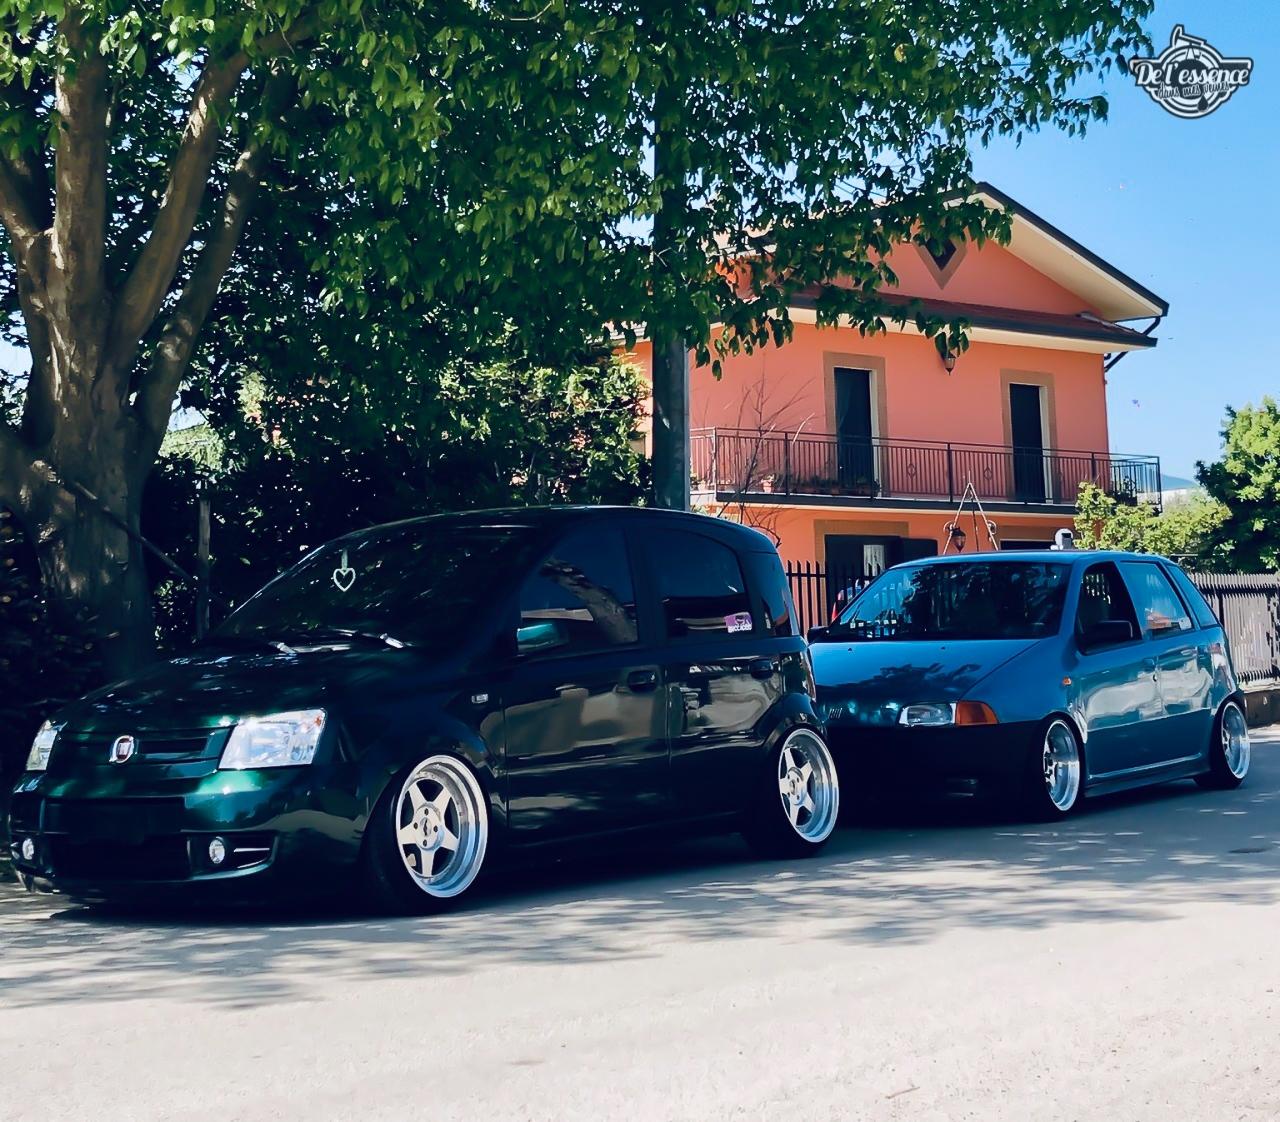 #Stance Discount - Buccaccio Gang #1 - Fiat Panda 2